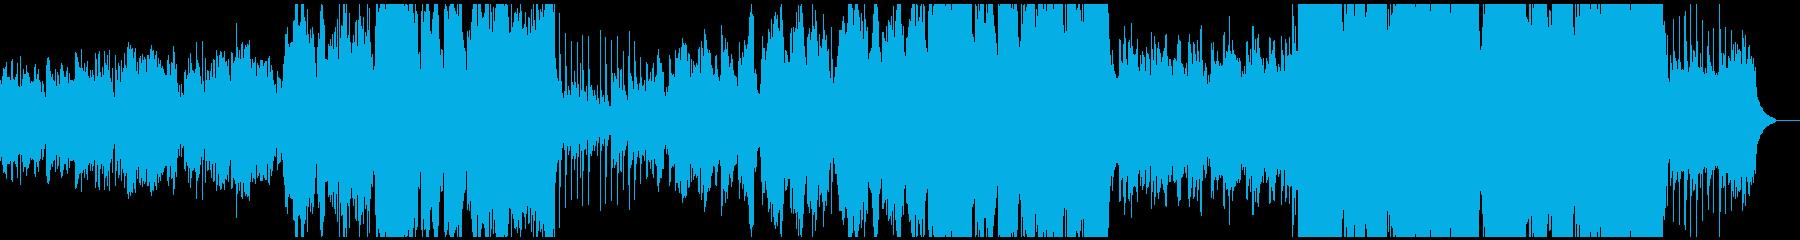 尺八三味線が日本の風景をイメージさせる曲の再生済みの波形